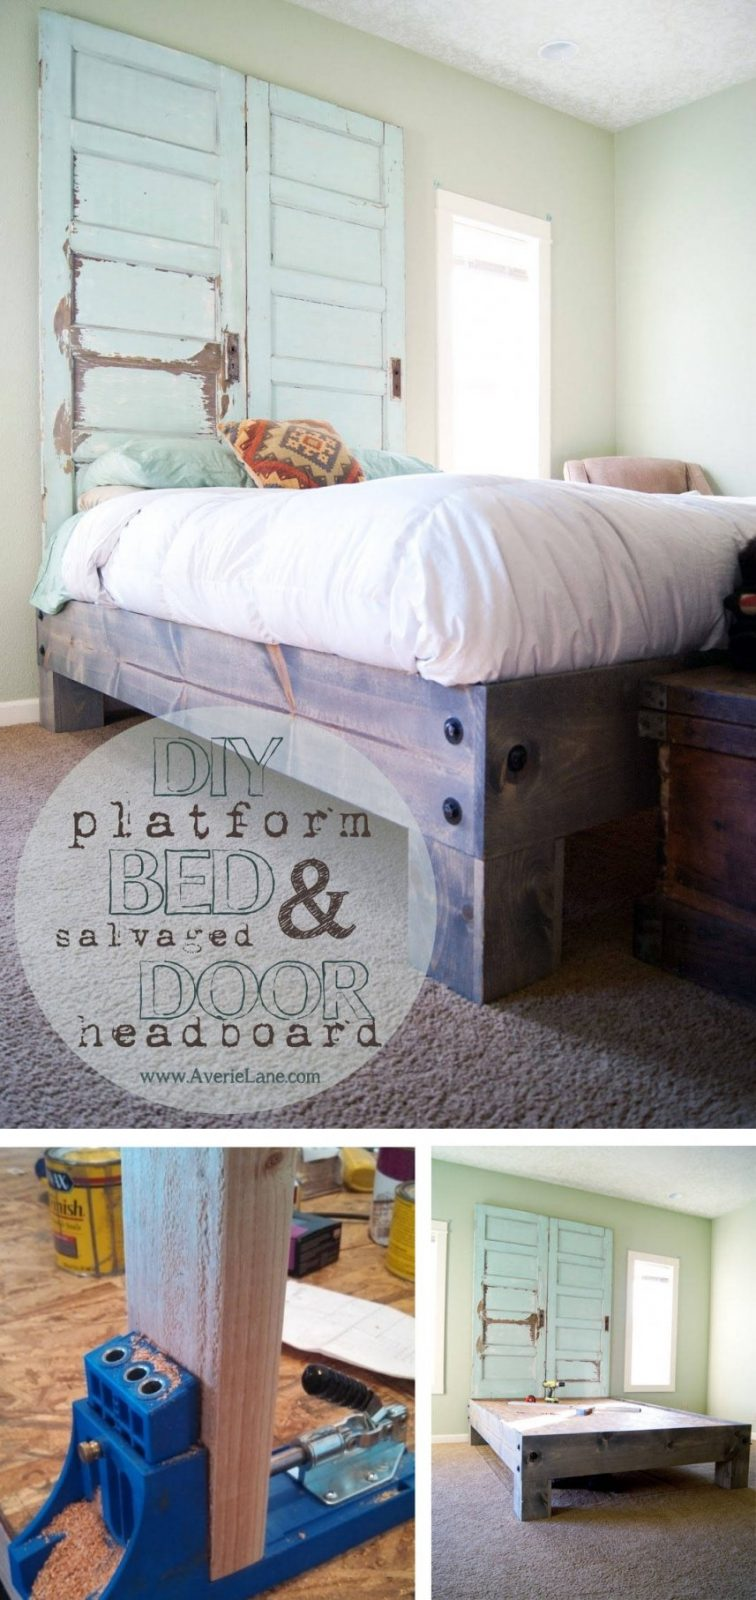 Bett Selber Bauen12 Einmalige Diy Bett Und Bettrahmen Ideen von Coole Betten Selber Bauen Bild